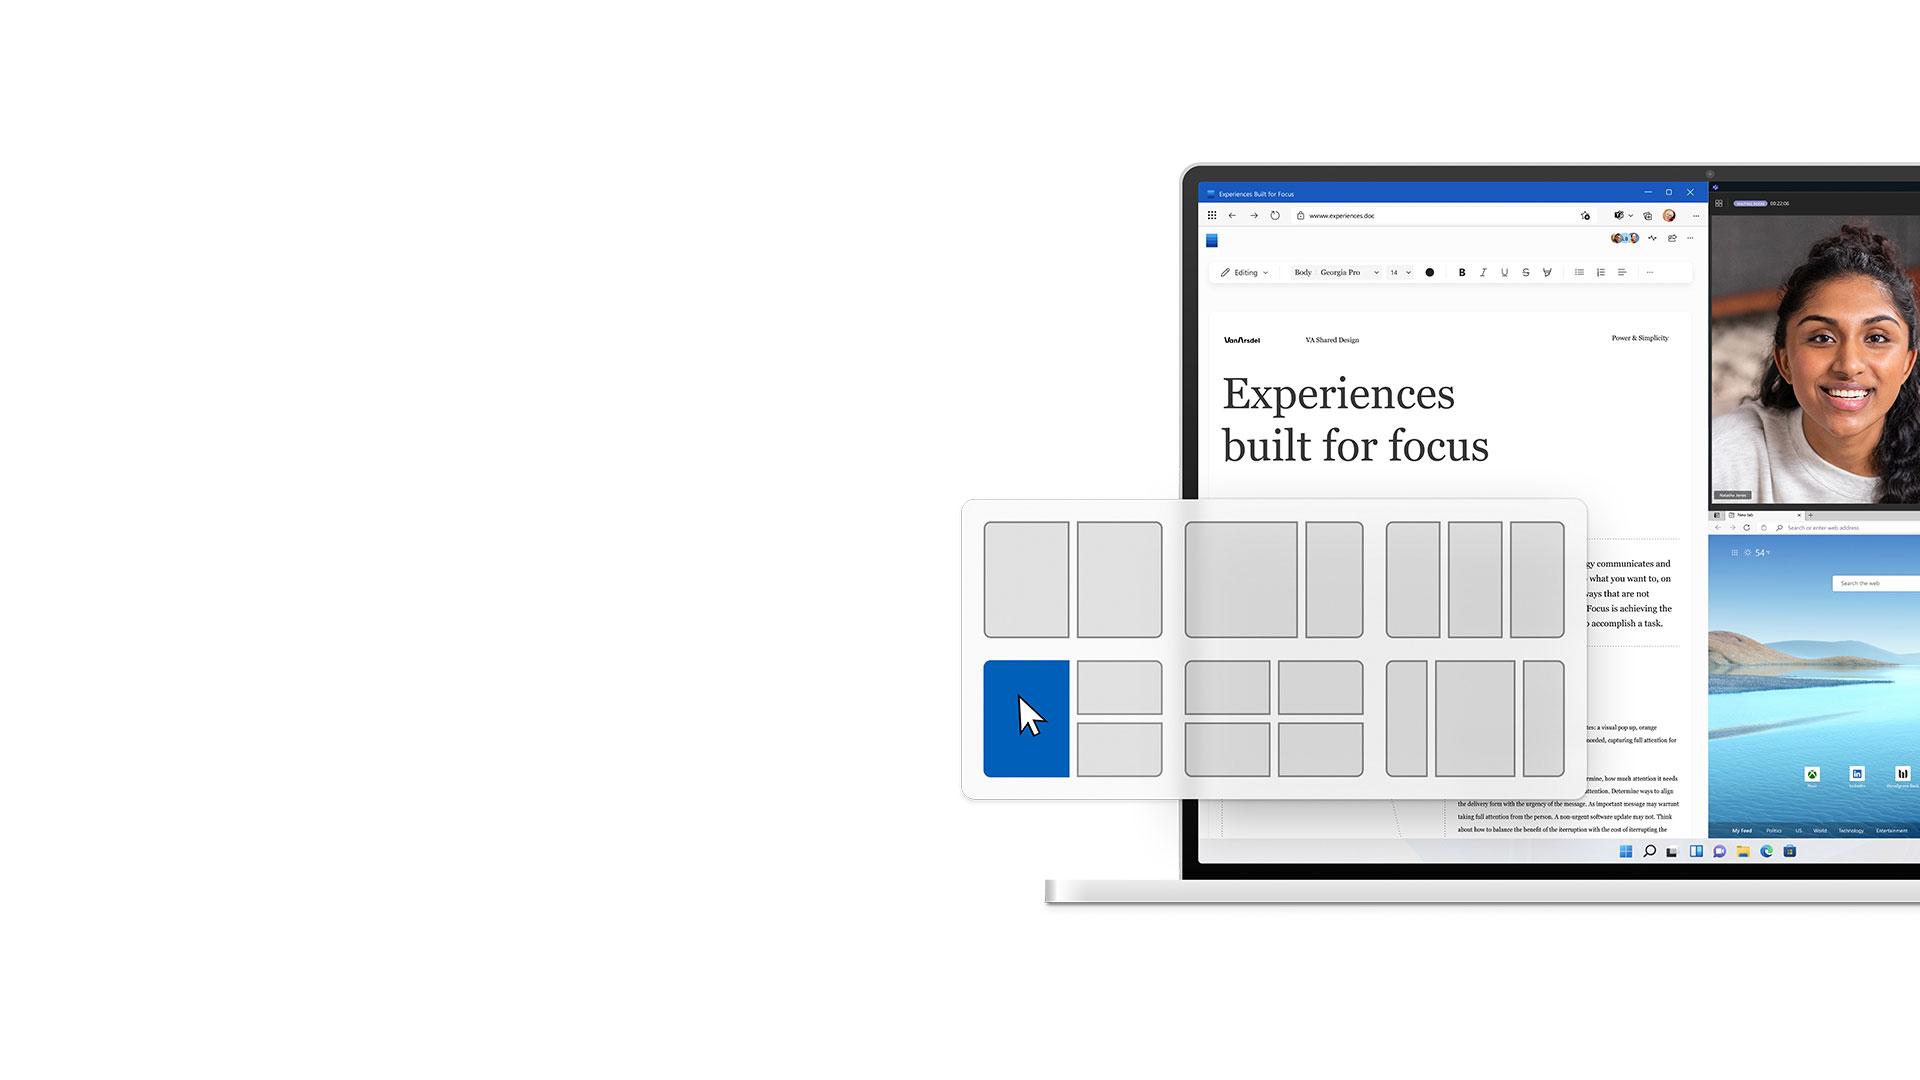 Три приложения на экране, прикрепленные с помощью функции Snap Windows 11